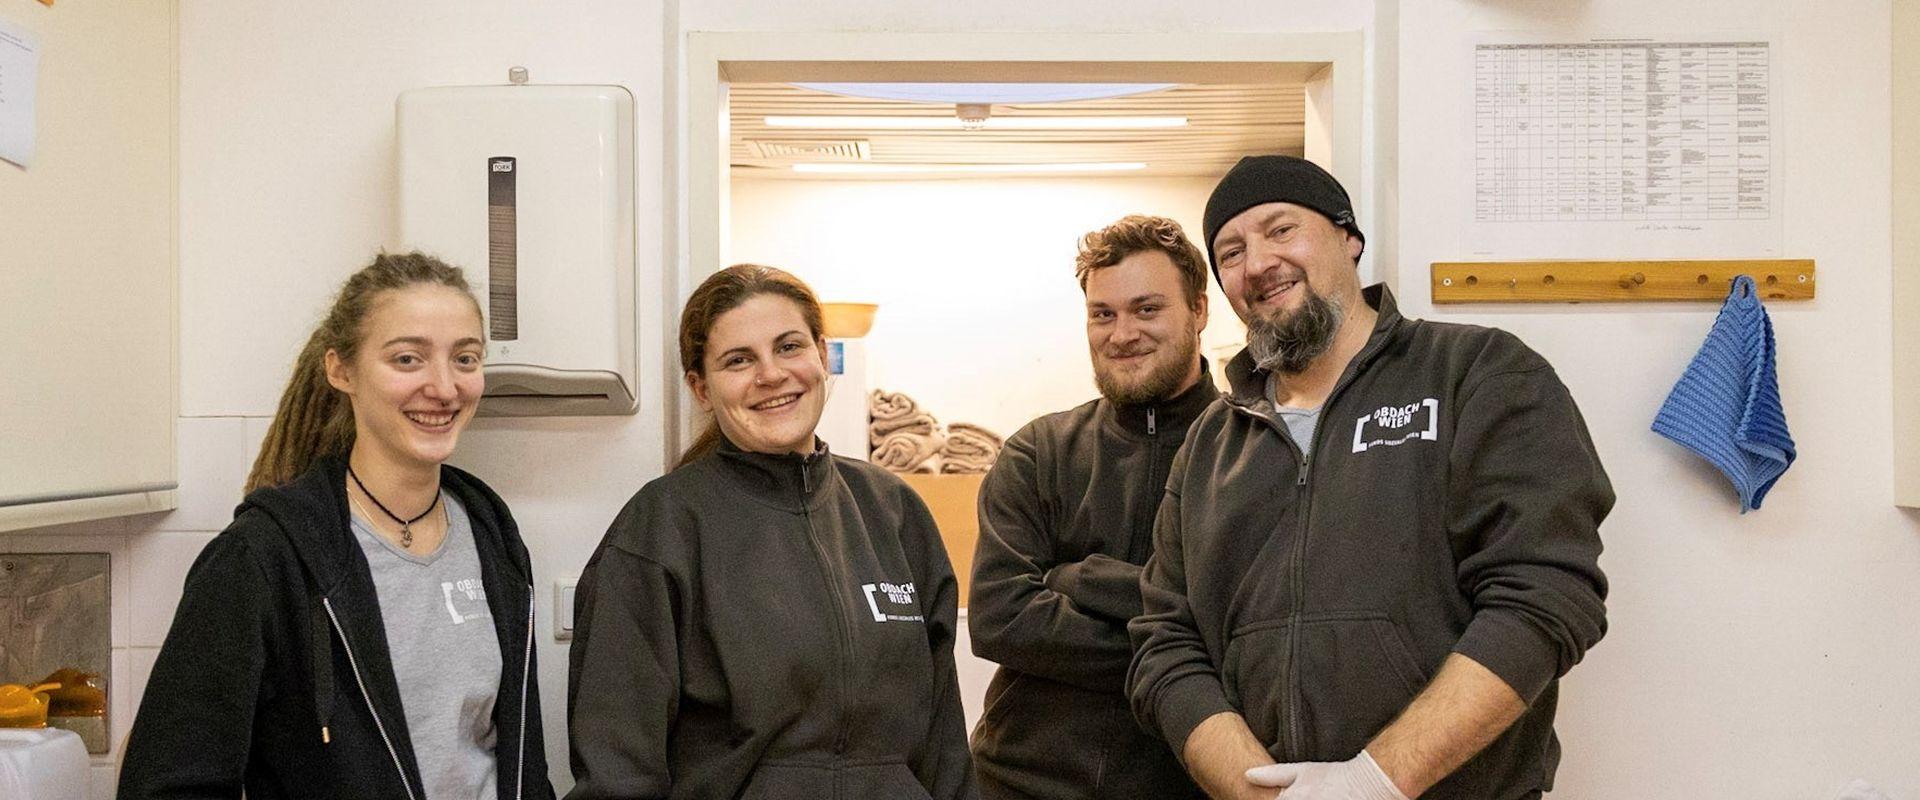 Obdach Wien MitarbeiterInnen unterstützen die NutzerInnen weiterhin.